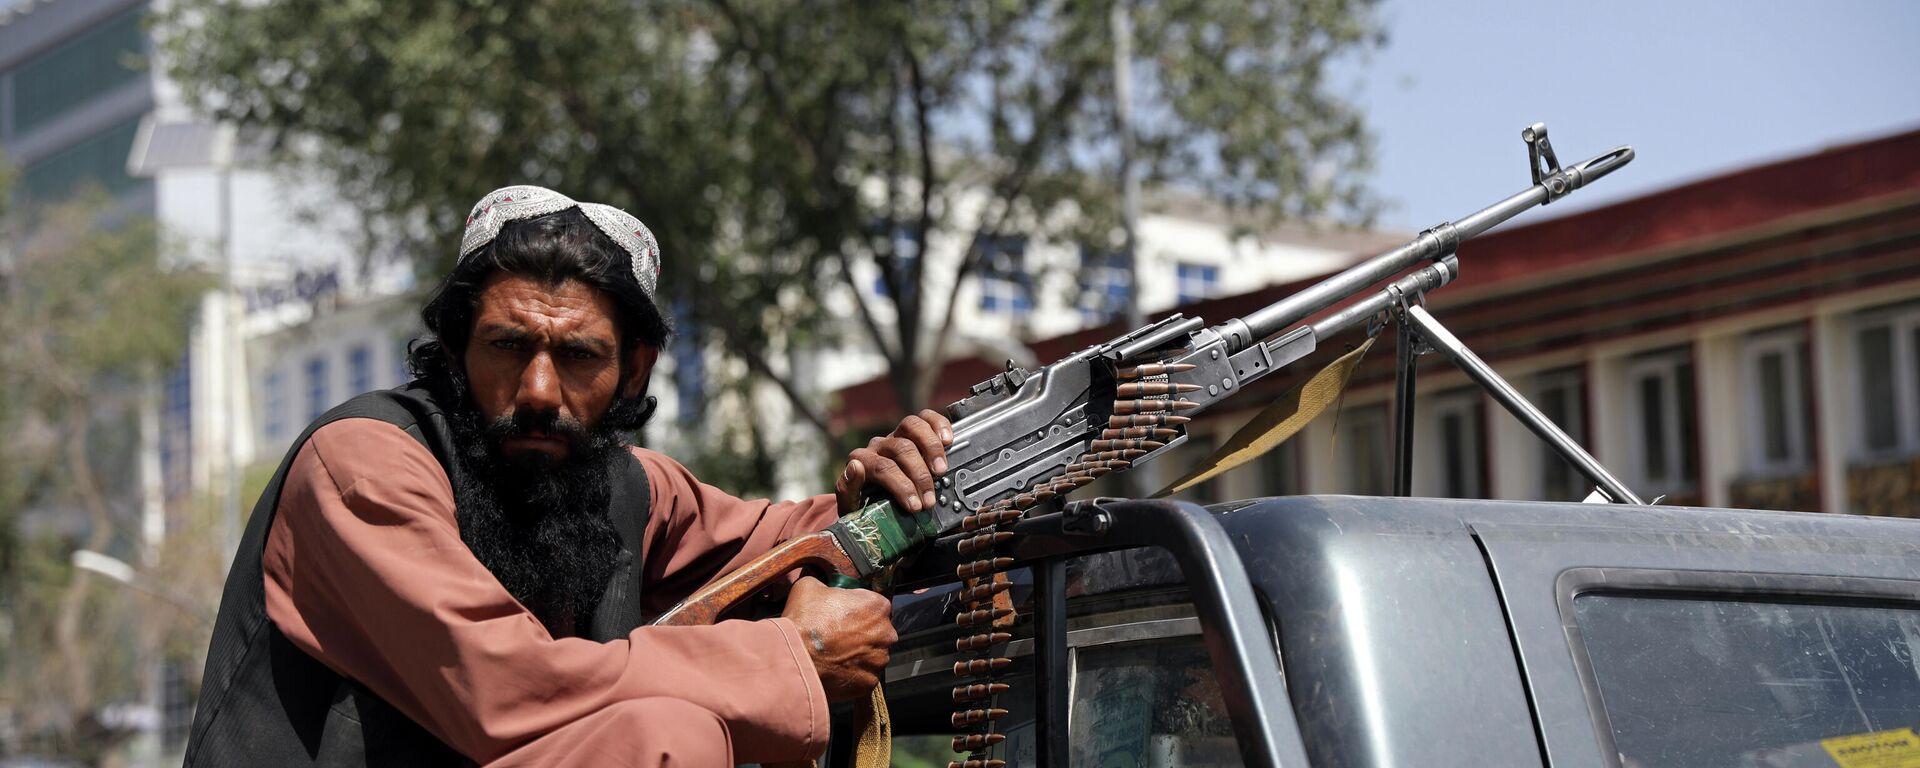 Боевики Талибана патрулируют район Вазир Акбар Хан в городе Кабул, Афганистан - Sputnik Тоҷикистон, 1920, 29.08.2021